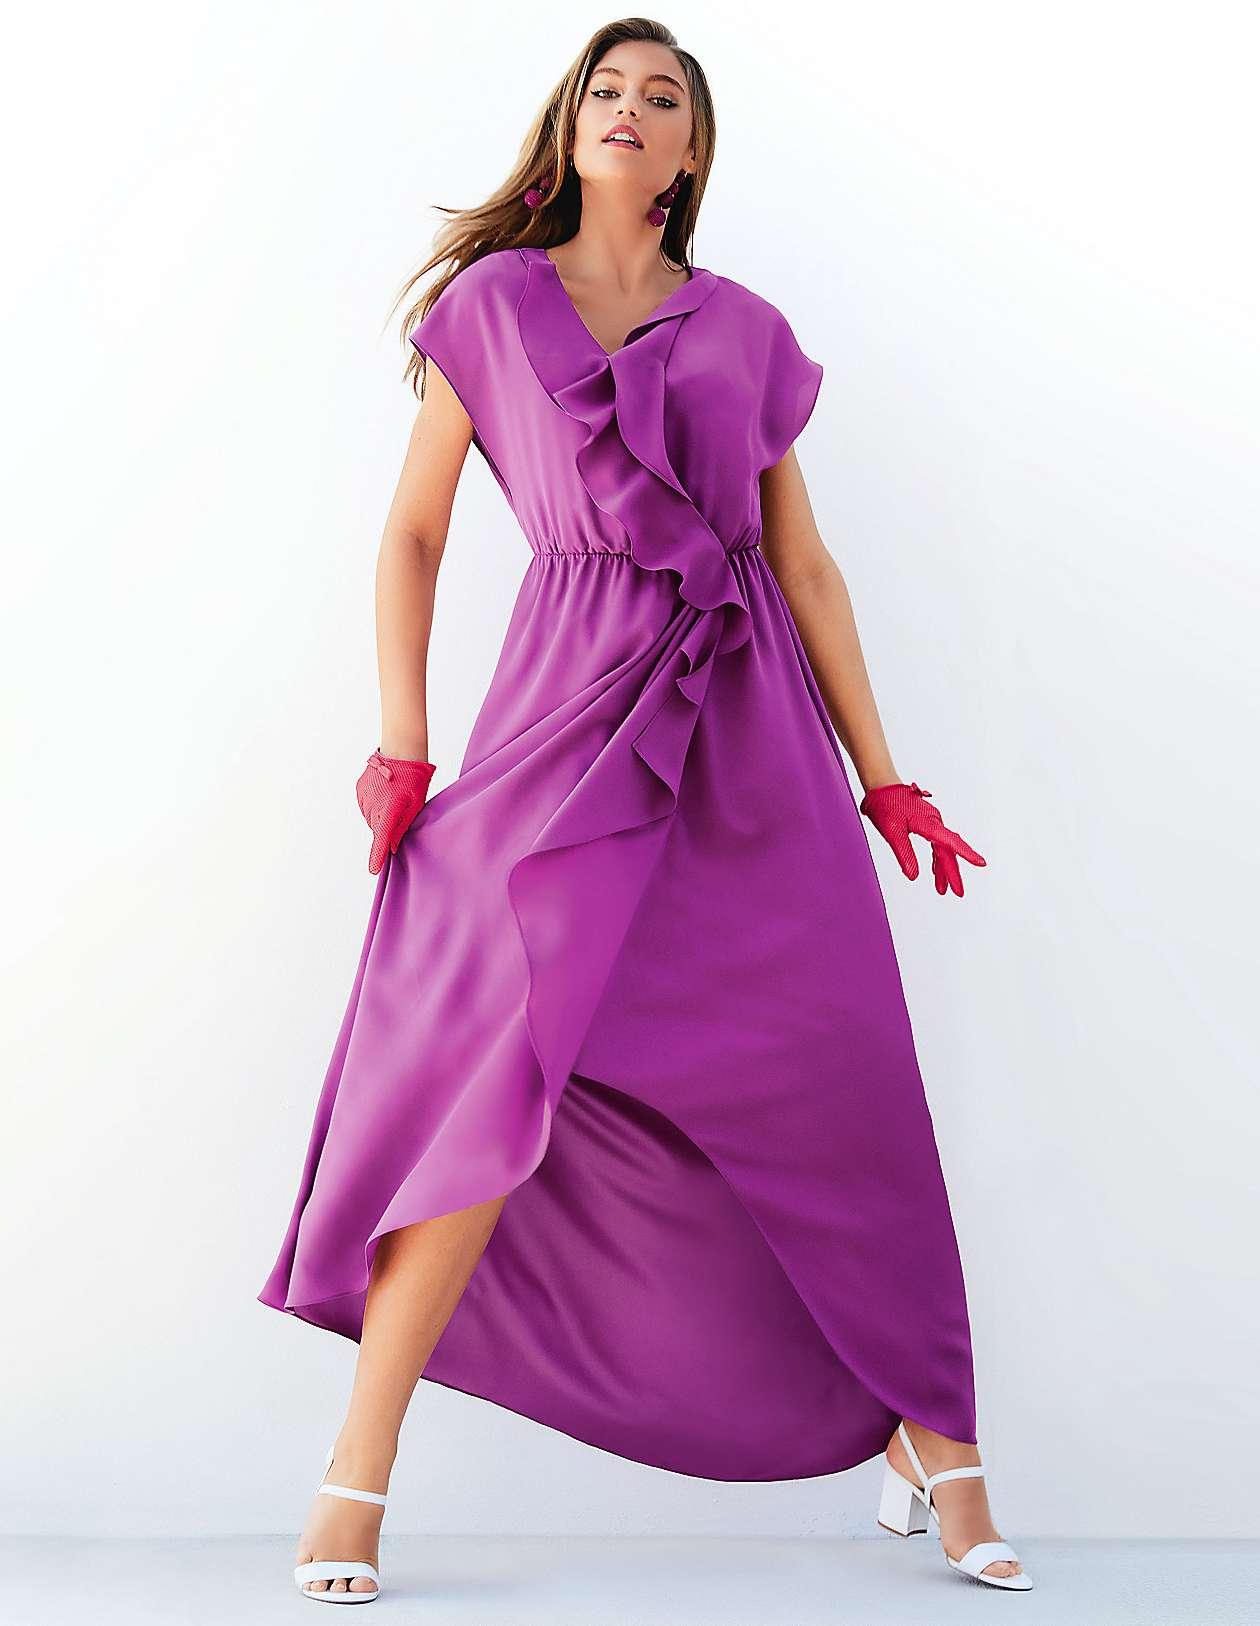 8da0e7045c4 Elegante Kleider für stilvolle Auftritte bestellen